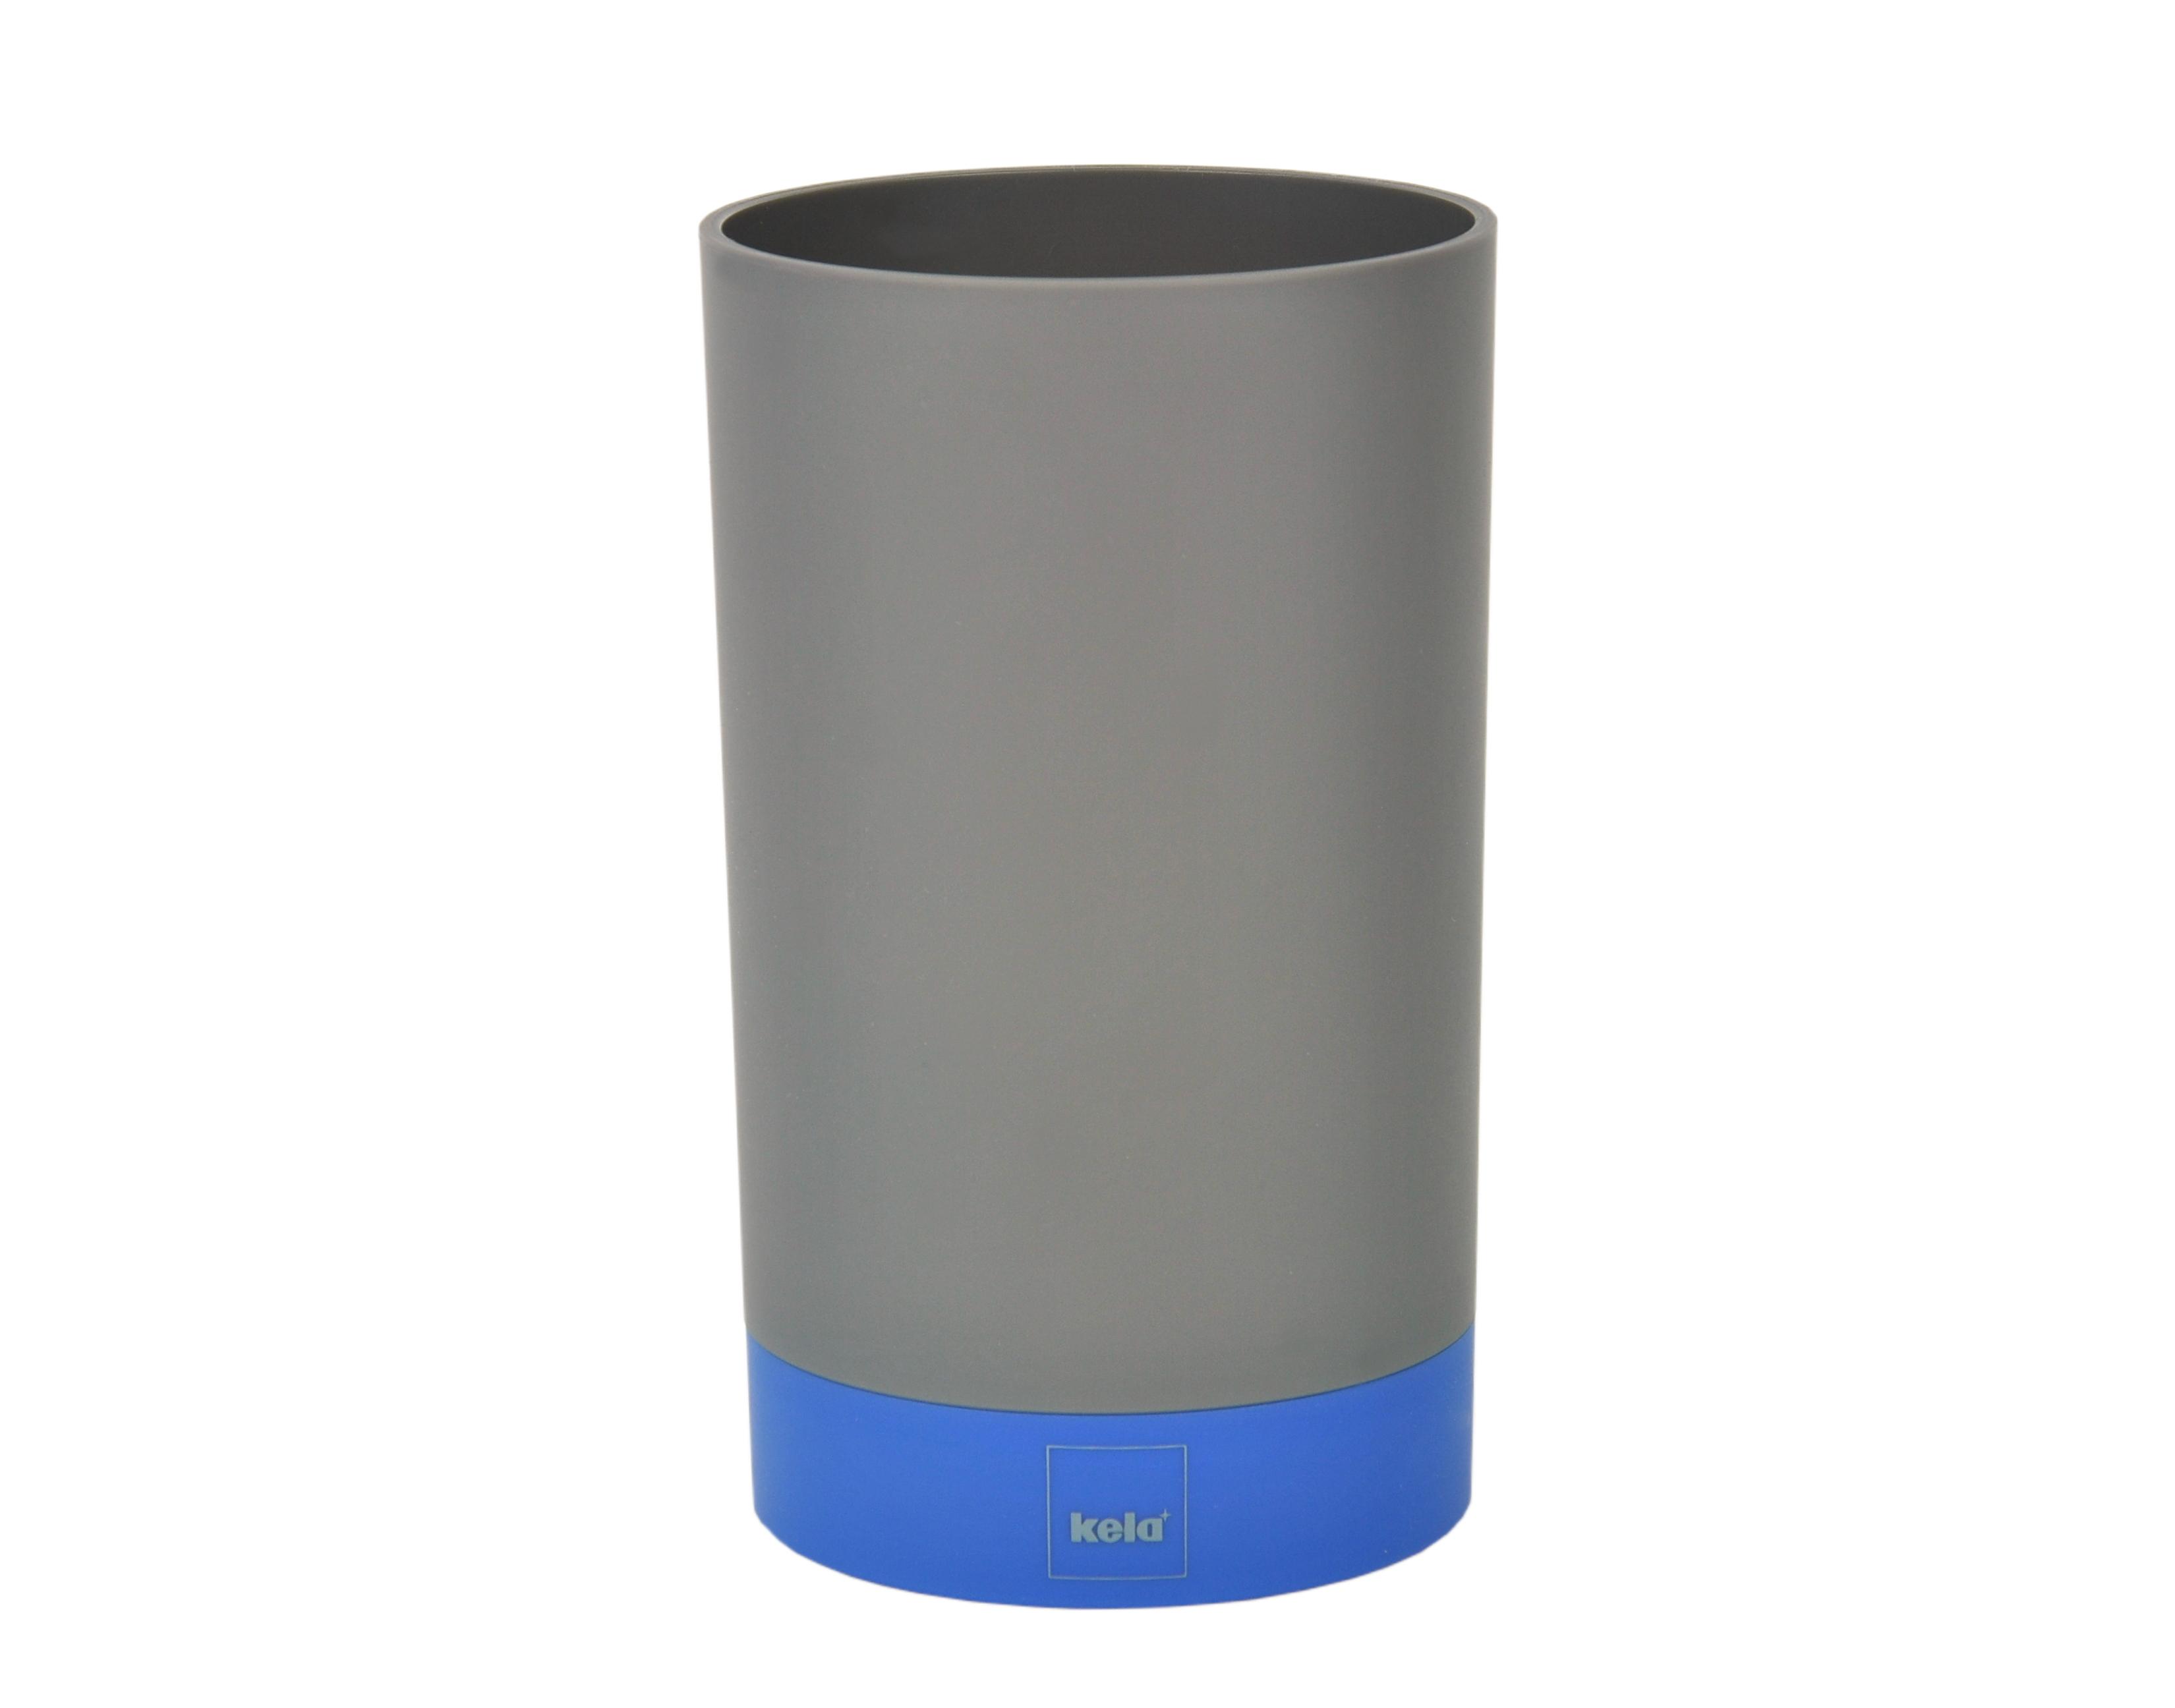 kela 4tlg badezimmer set grau blau wc garnitur b rste seifenspender 2 becher 4250857257980. Black Bedroom Furniture Sets. Home Design Ideas